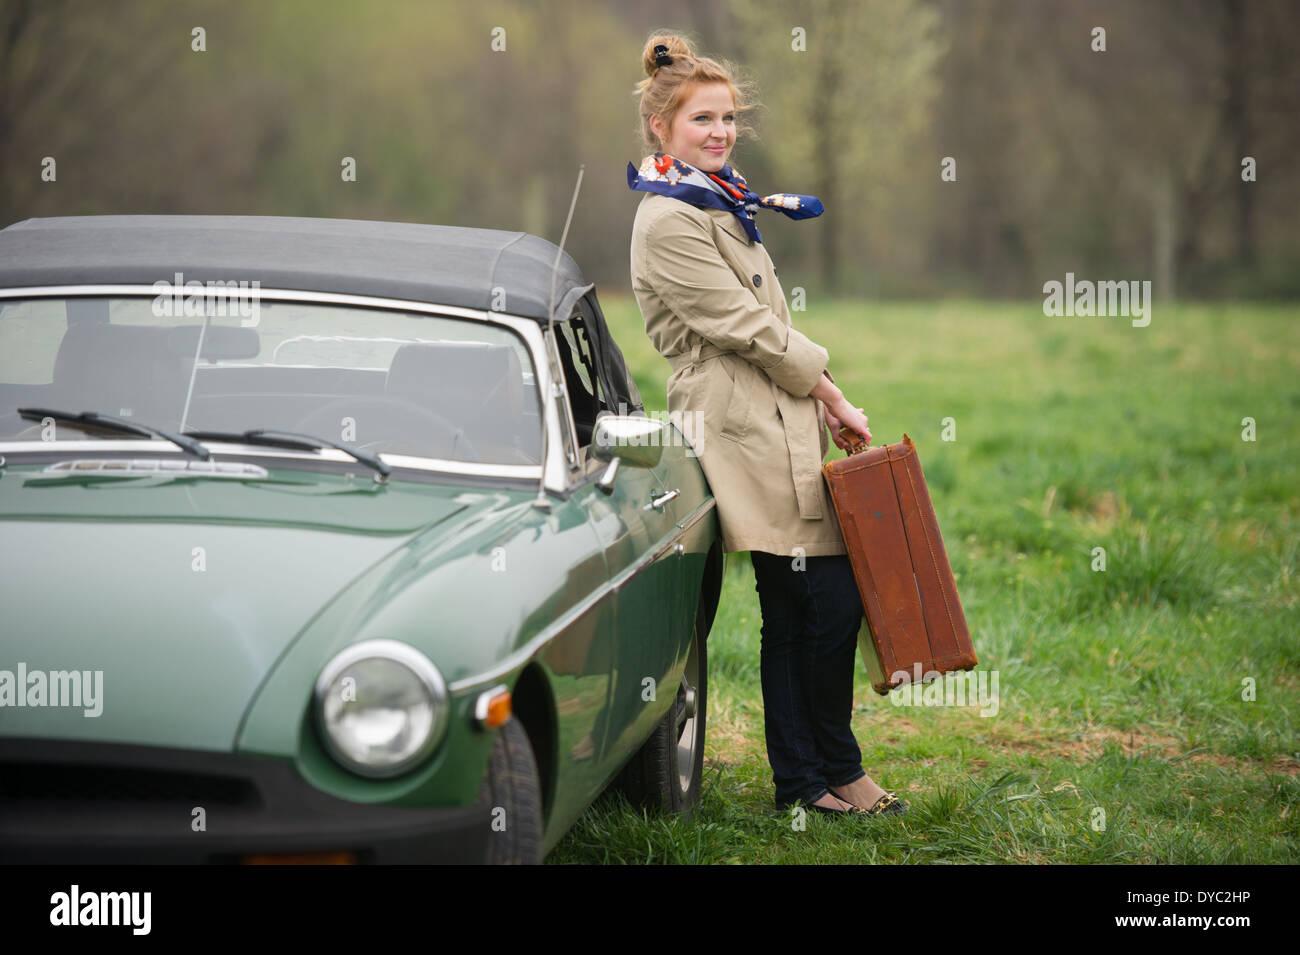 Frau mit gepackten Koffern auf Reise neben klassischen britischen Sportwagen Stockbild